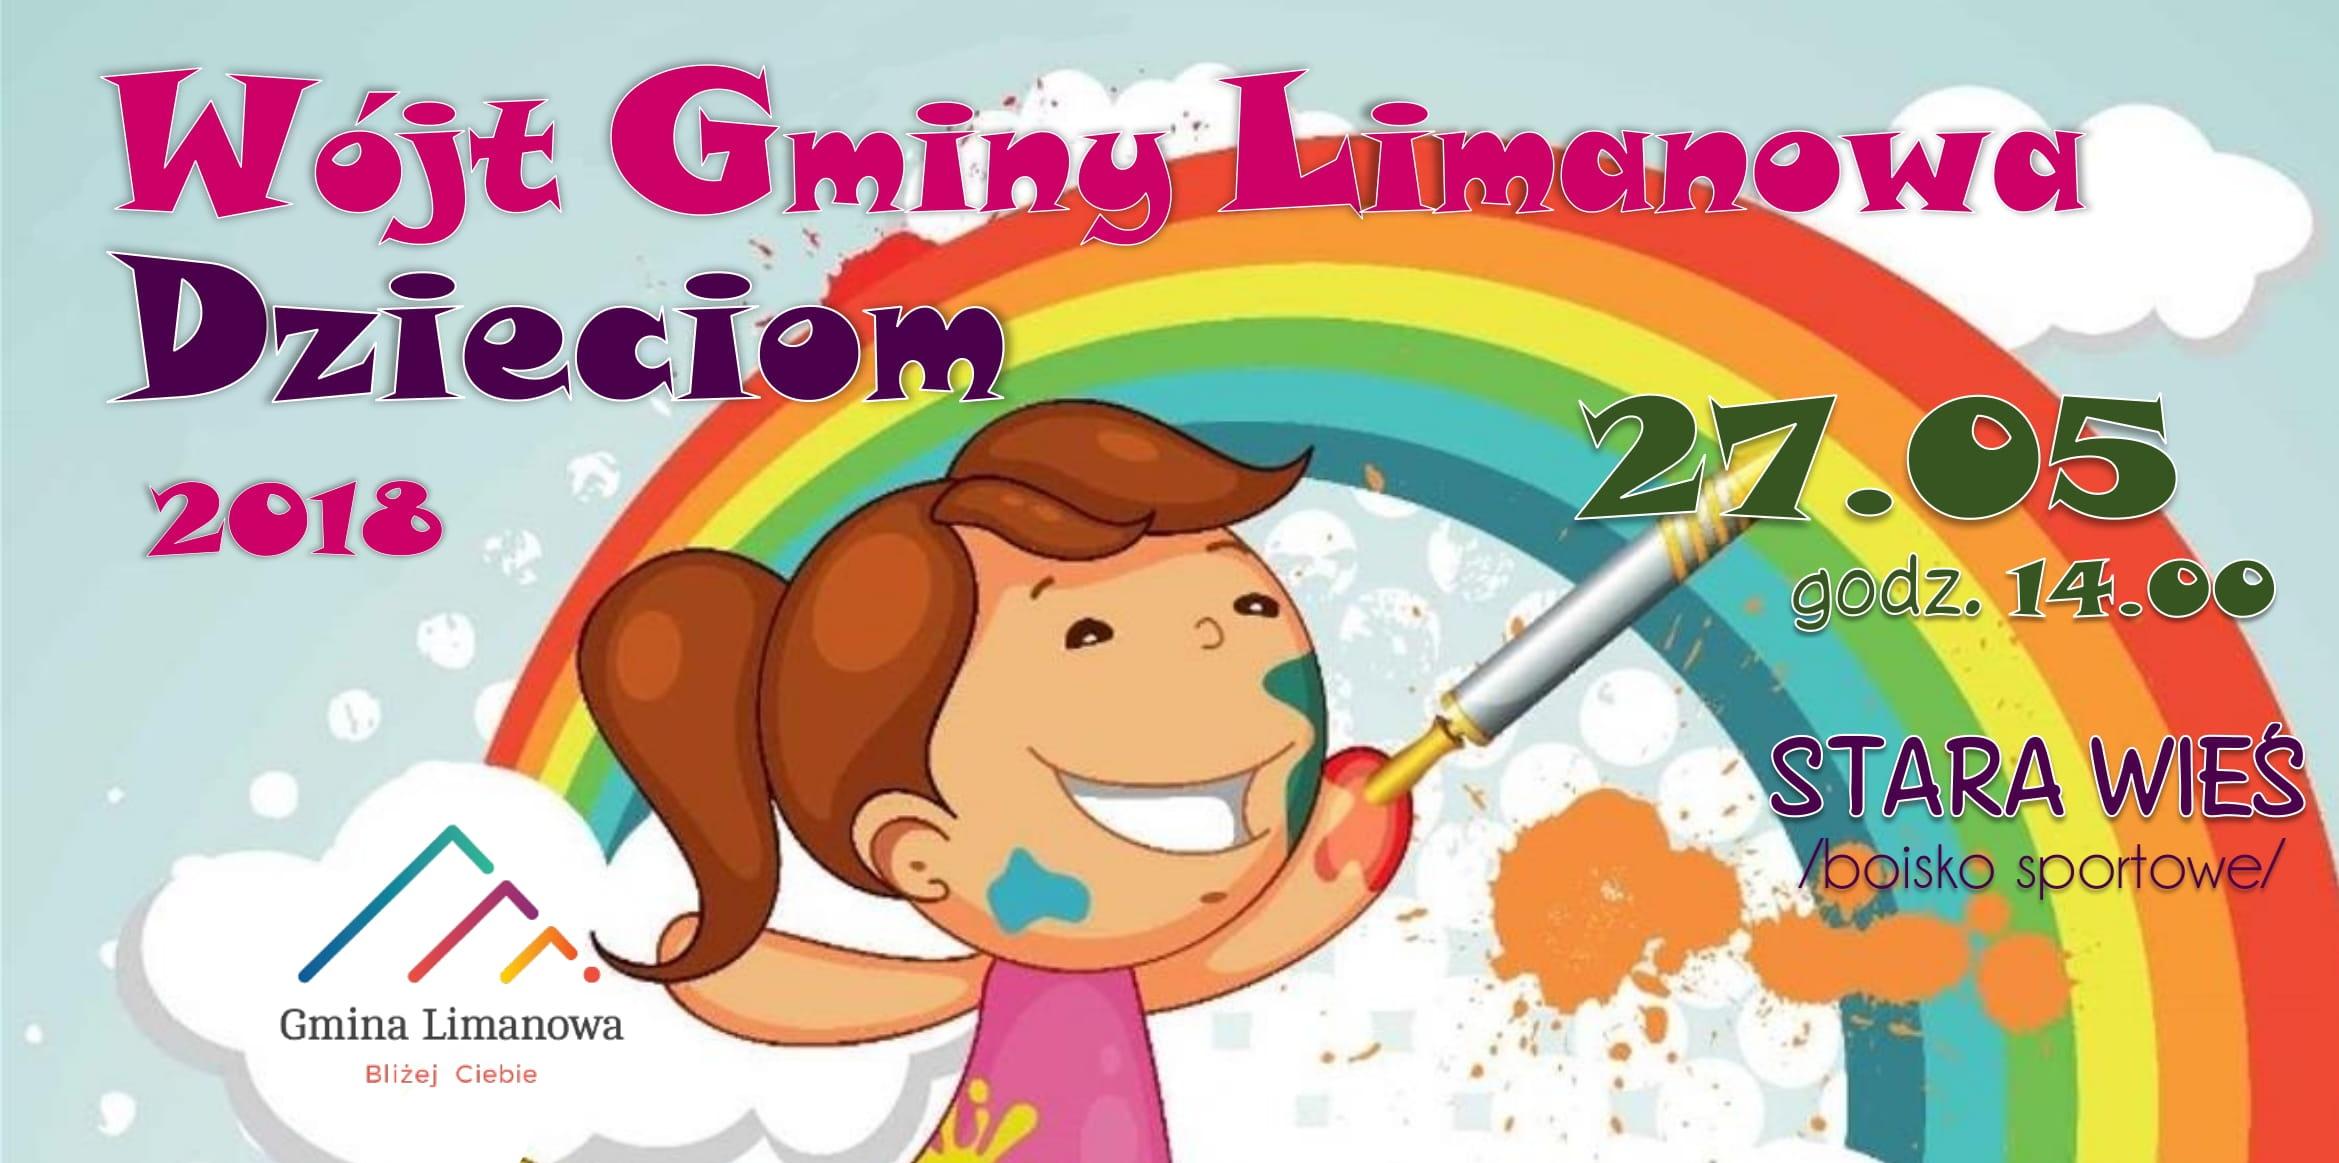 Przed nami Gminny Dzień Dziecka - już w najbliższą niedzielę 27 maja! - zdjęcie główne